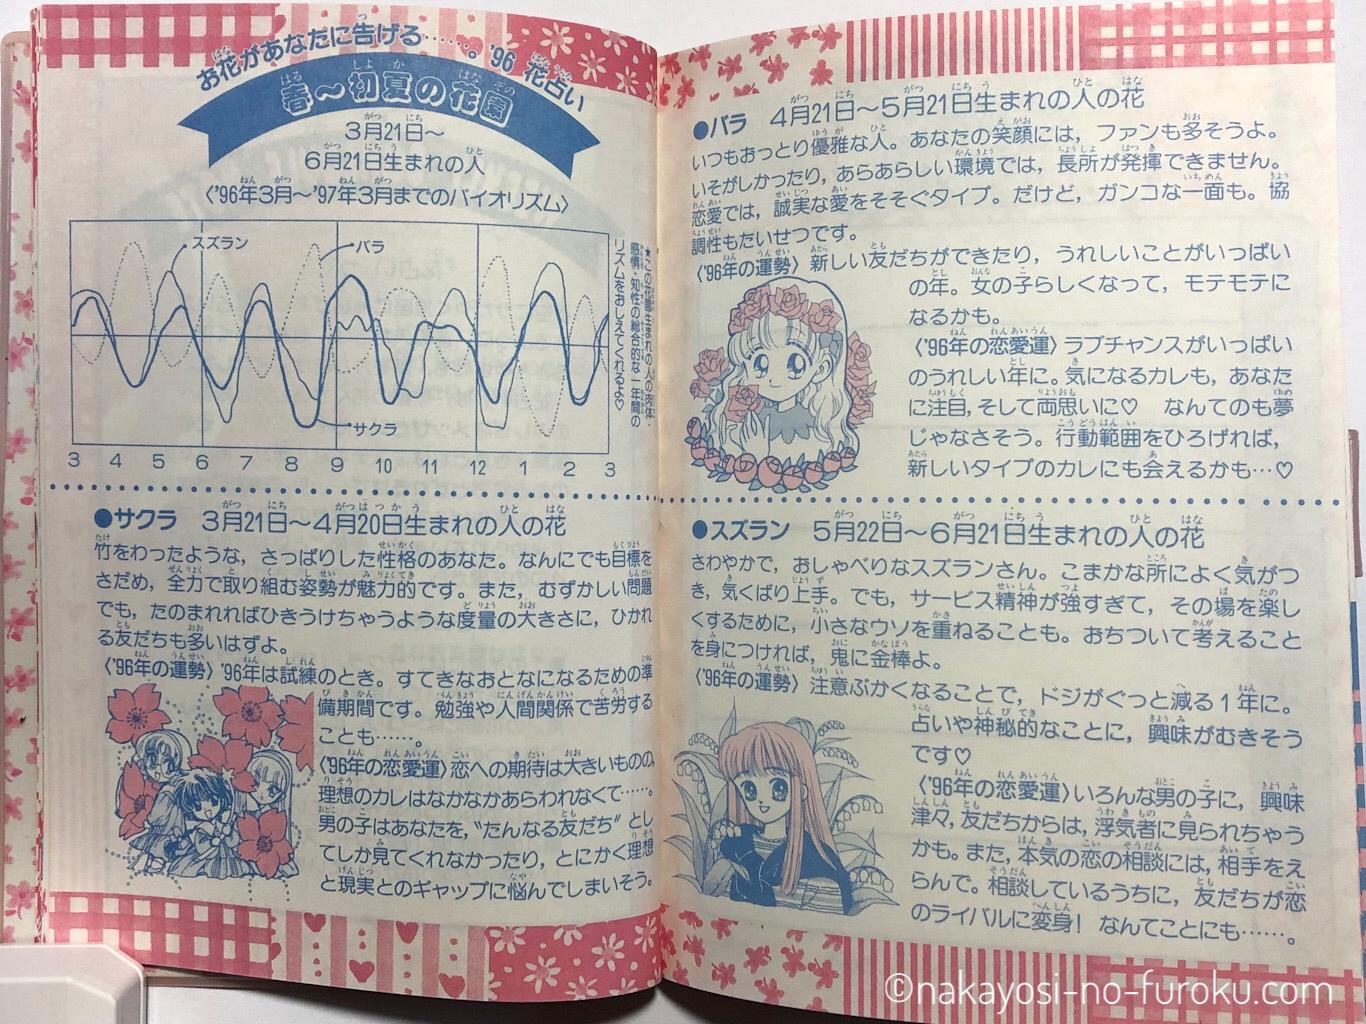 花占いつき'96~'97ウィークリースケジュールノート